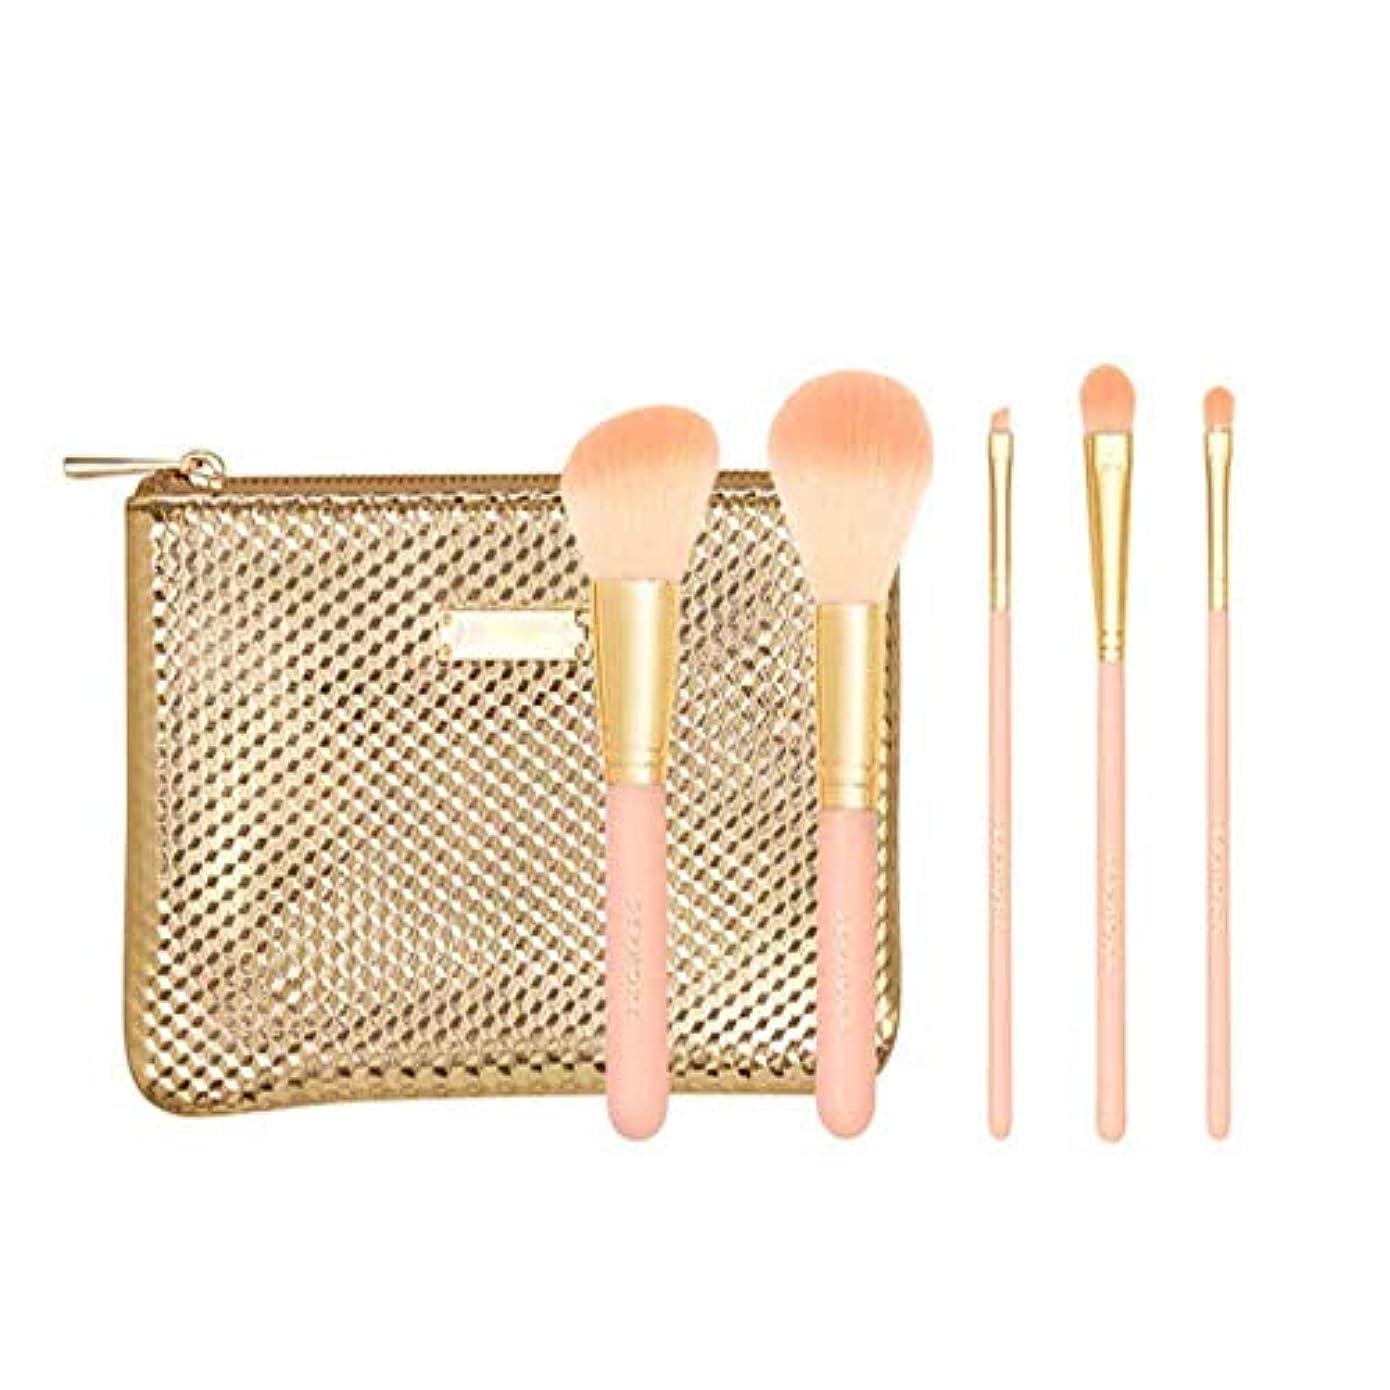 出身地勇気のある権威Boyuanweiye001 化粧ブラシ、5つの化粧ブラシセット、柔らかく繊細な化粧ツール、プロと初心者の美容ツールに適しています,ソフトで耐久性 (Color : Pink)